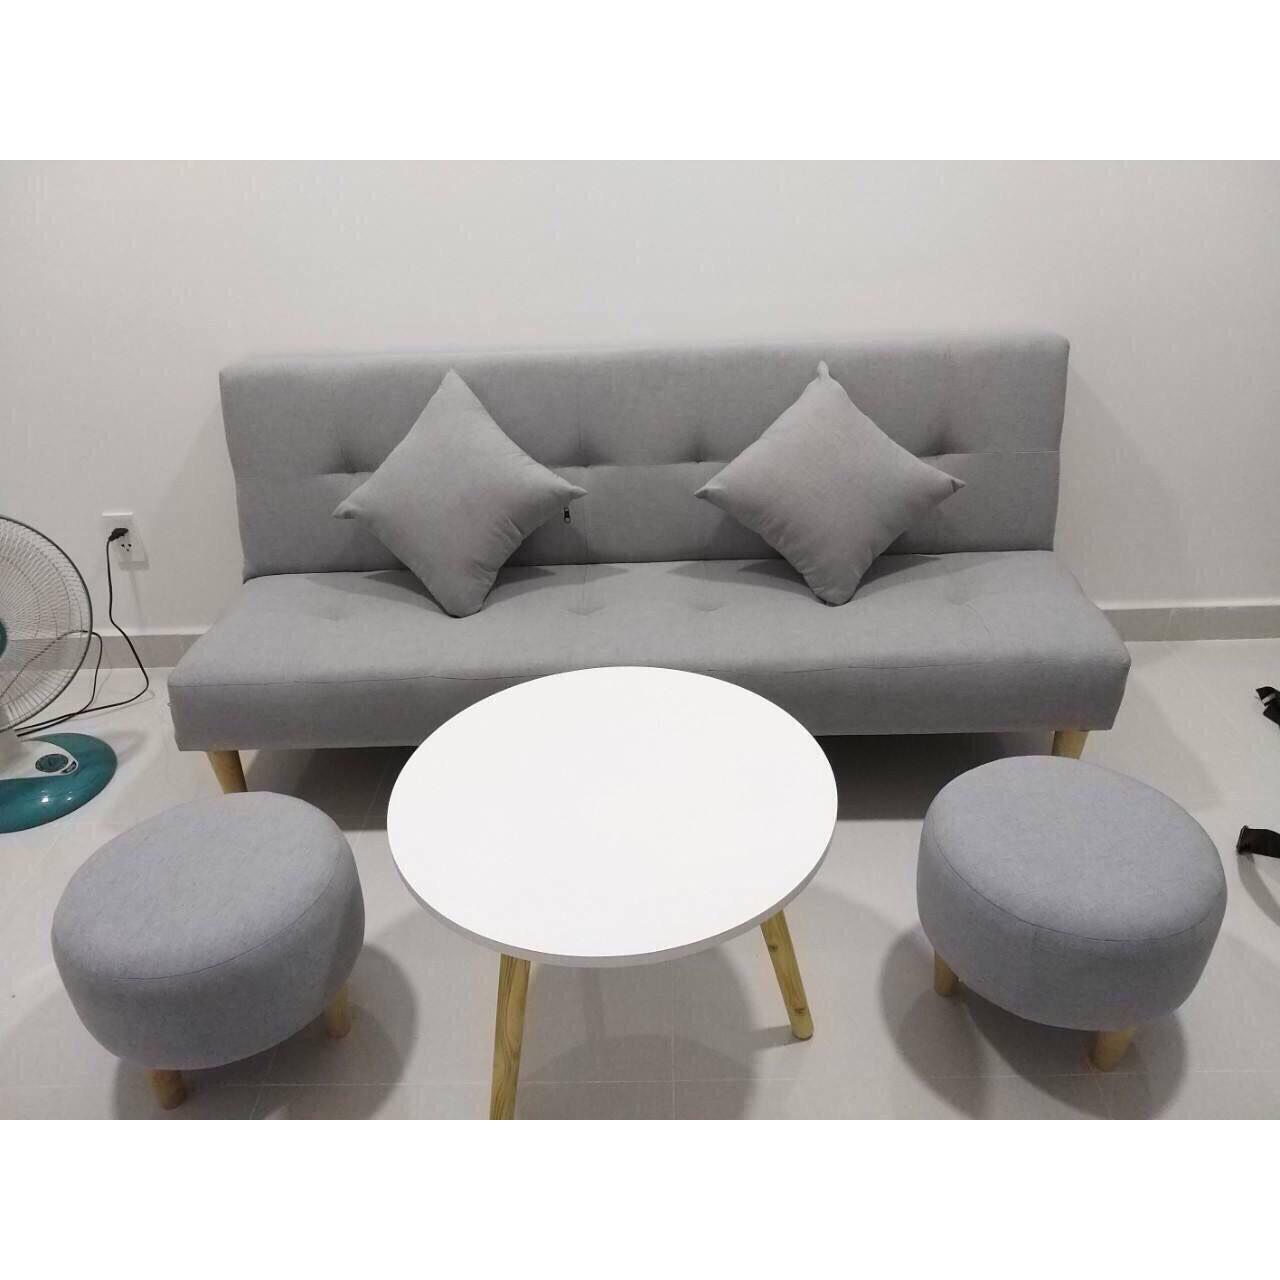 Ghế sofa giường Linco sofa bed SB17- Xám trắng